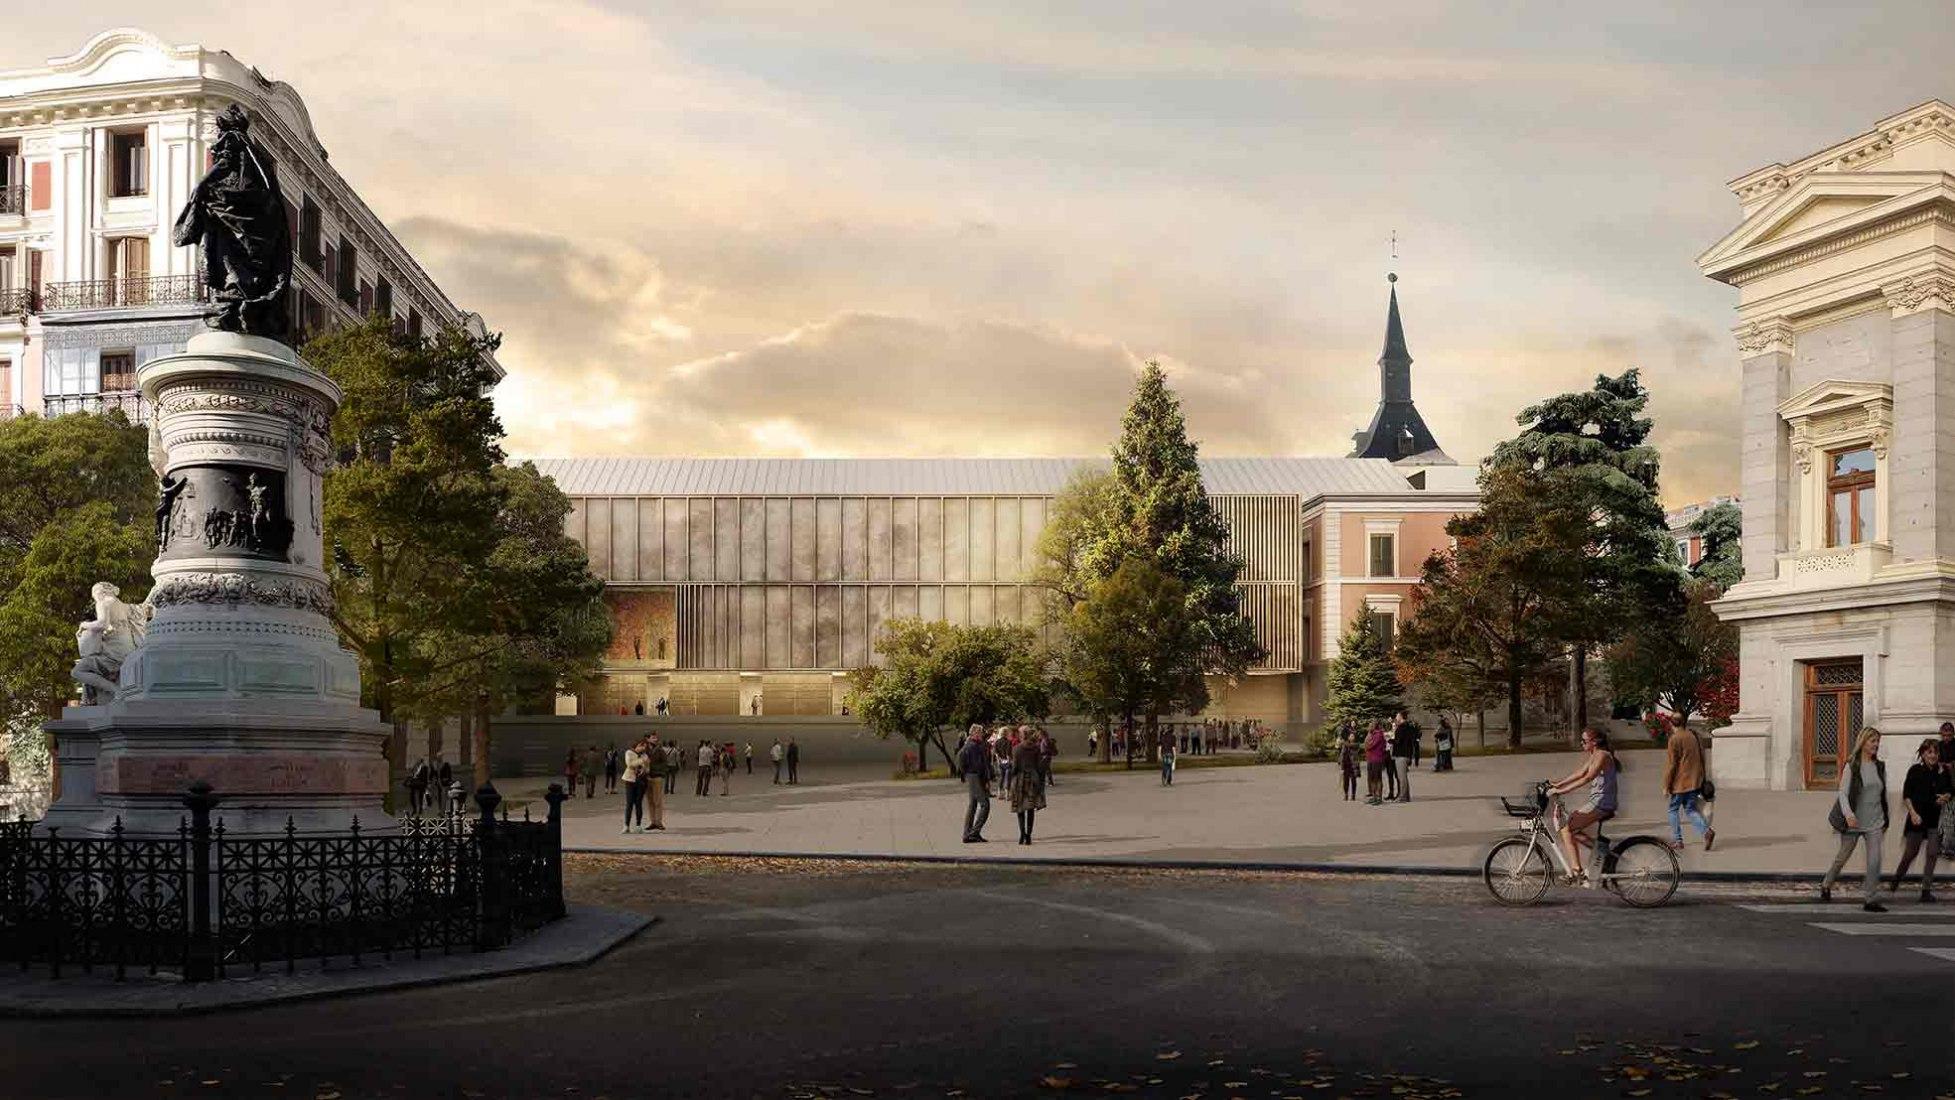 Extension proposal for El Prado Museum by Nieto Sobejano. Image courtesy of Nieto Sobejano.